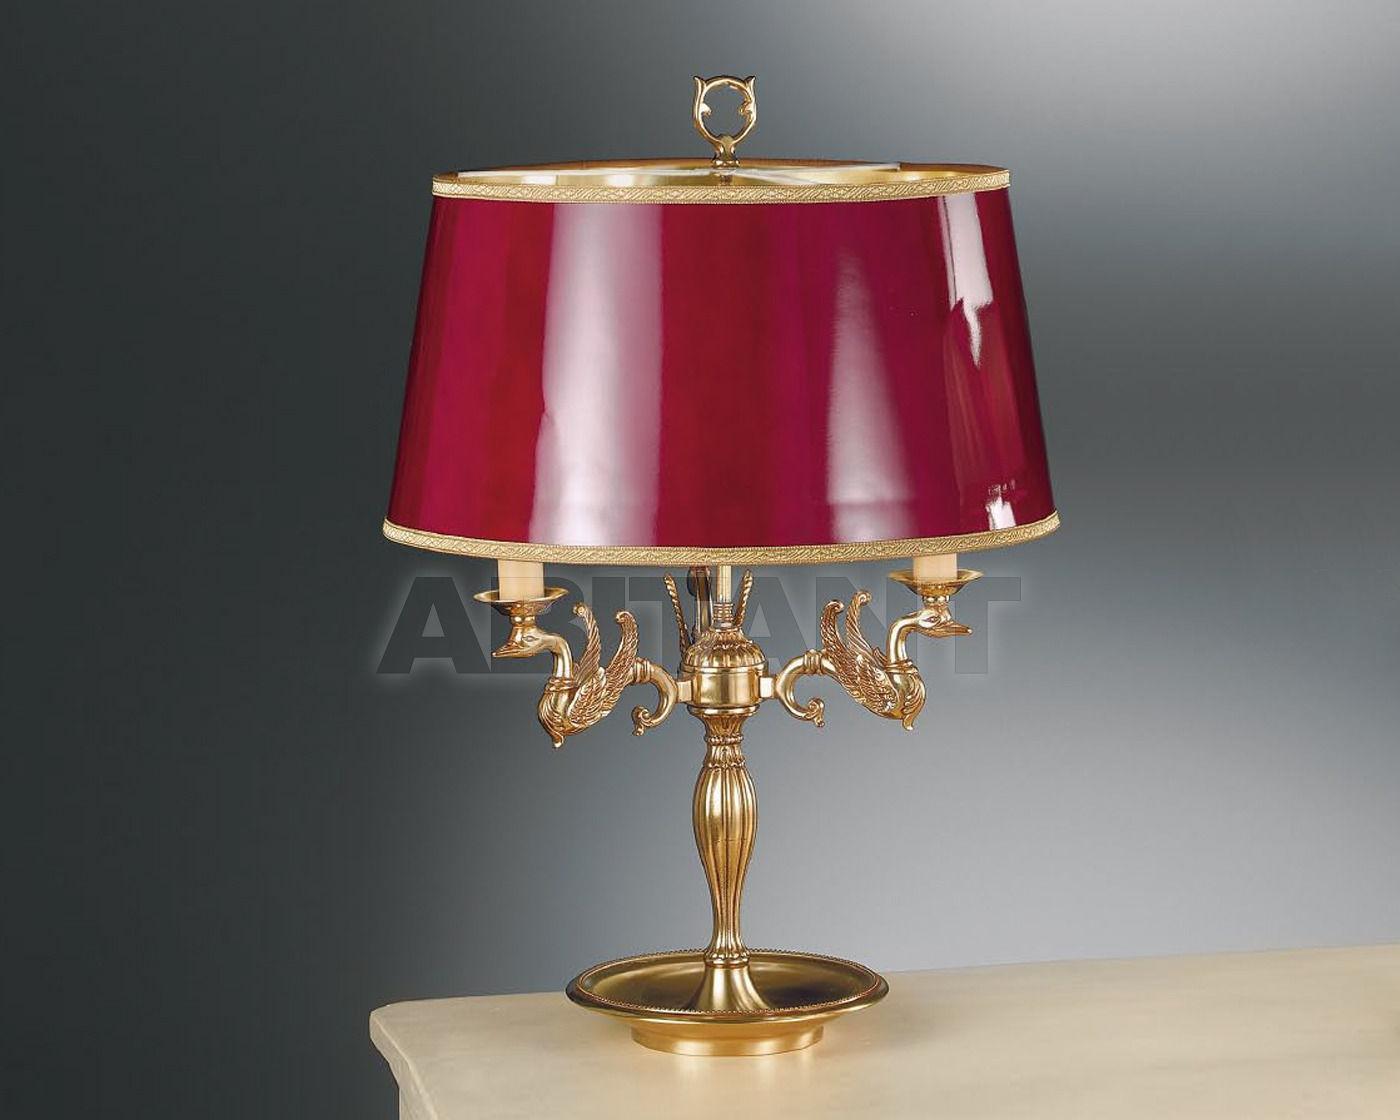 Купить Лампа настольная Nervilamp Snc Nervilamp 2013 C200/3